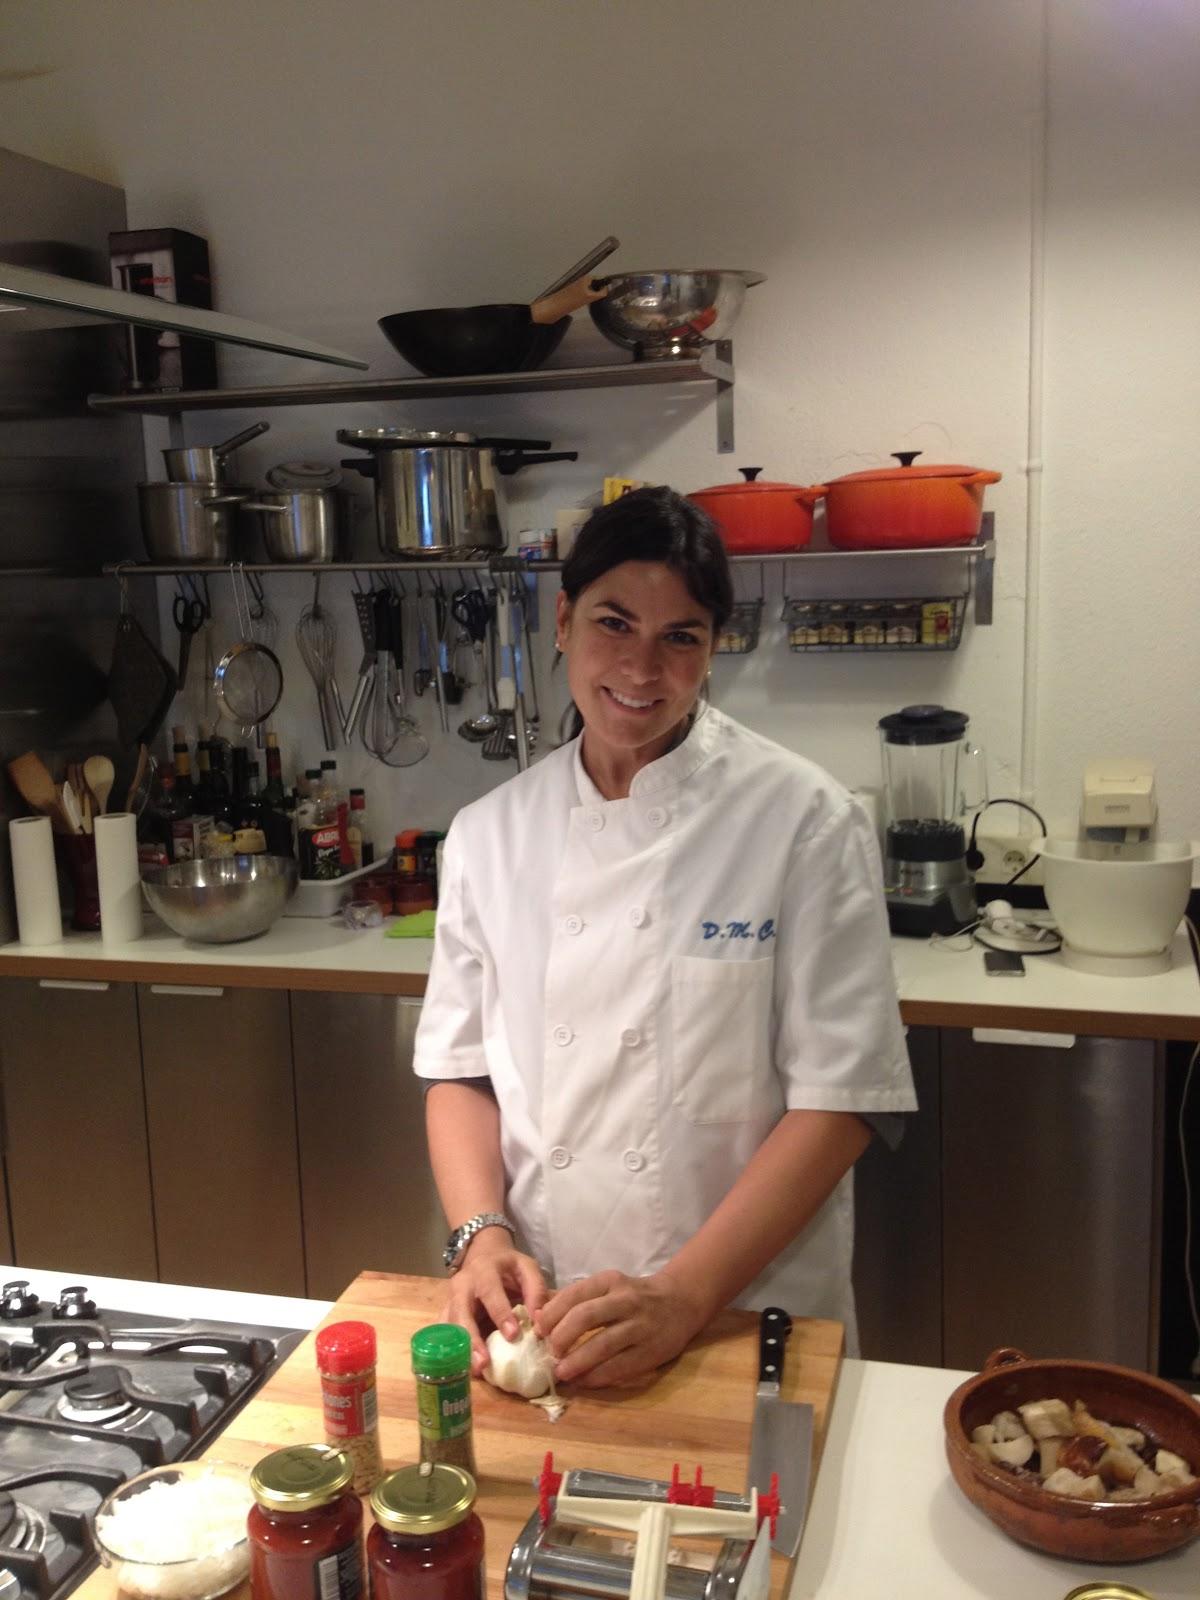 Taller de mesa a coru a gastrotwo - Escuela cocina madrid ...